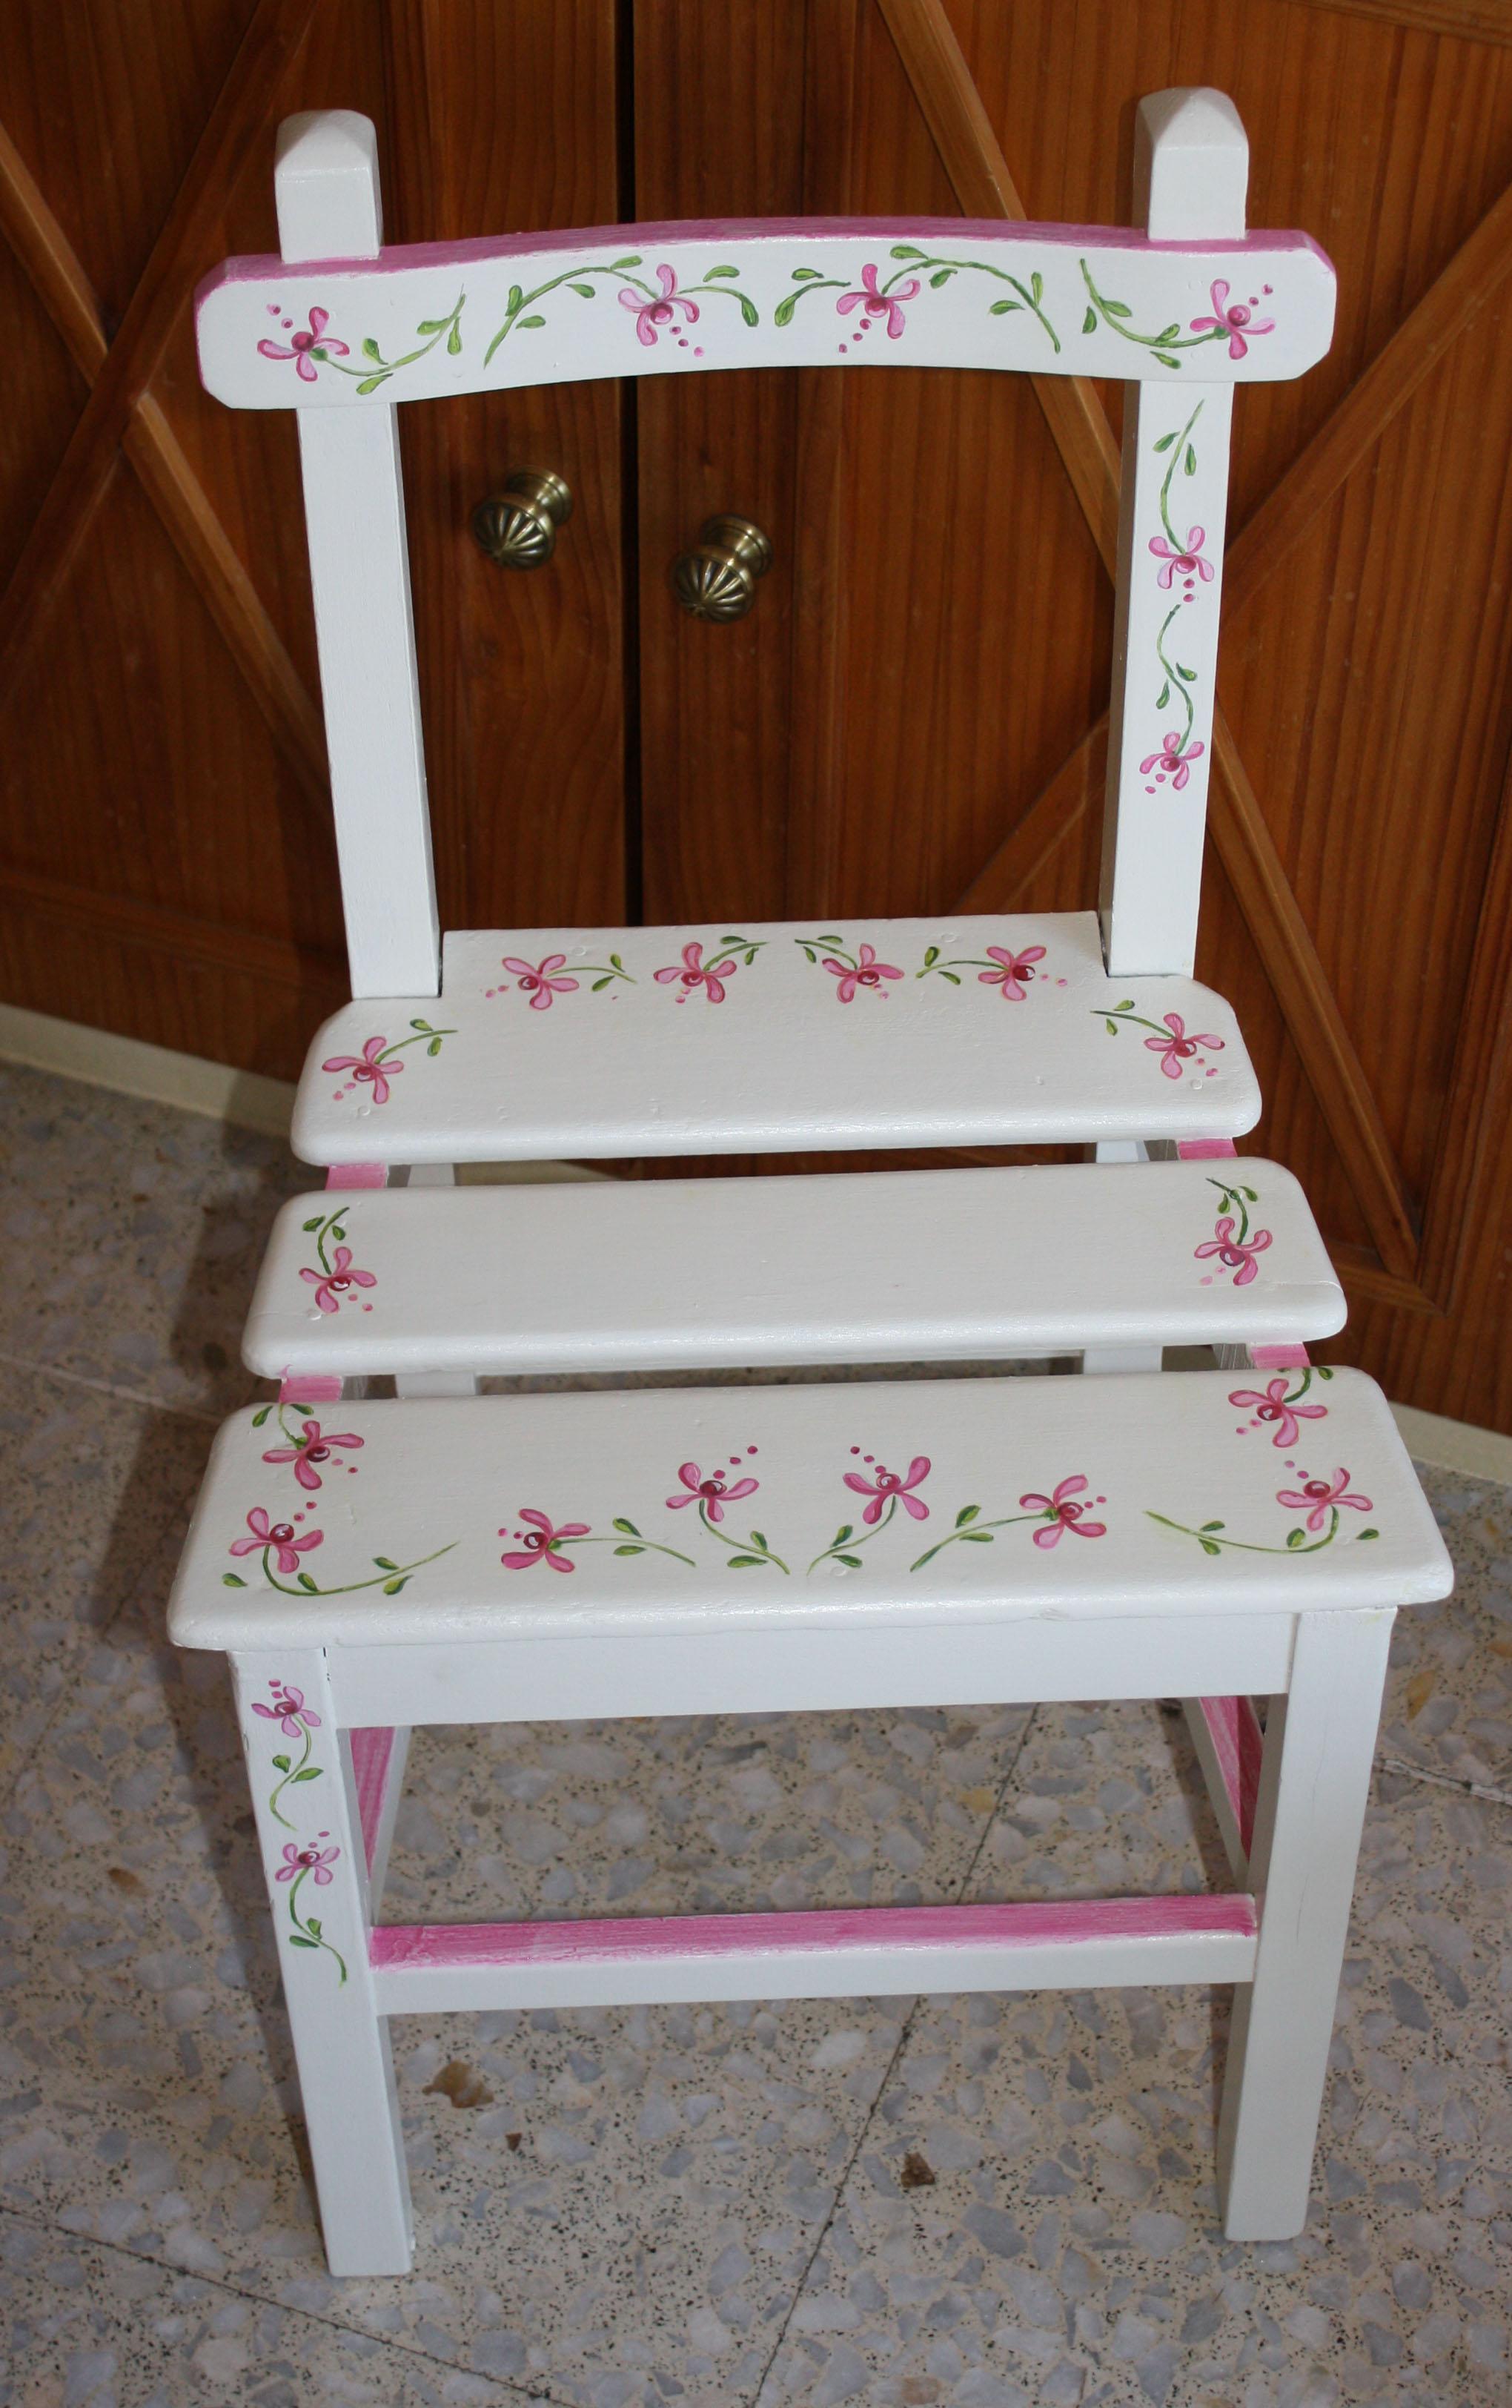 sillas decoradas  RECYDECOR muebles pintados a mano